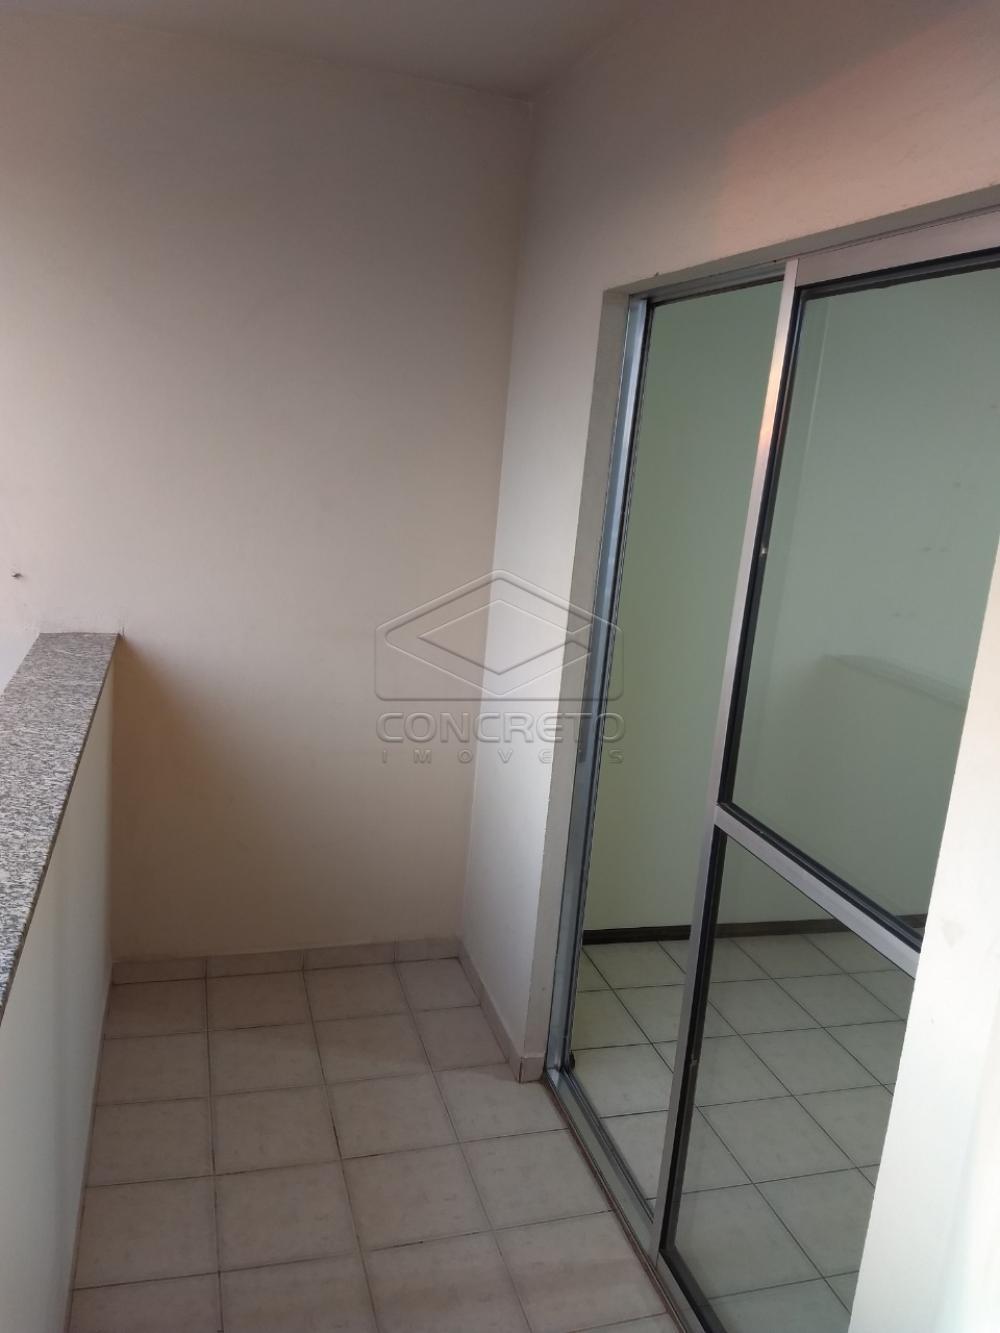 Comprar Apartamento / Padrão em Bauru apenas R$ 200.000,00 - Foto 2